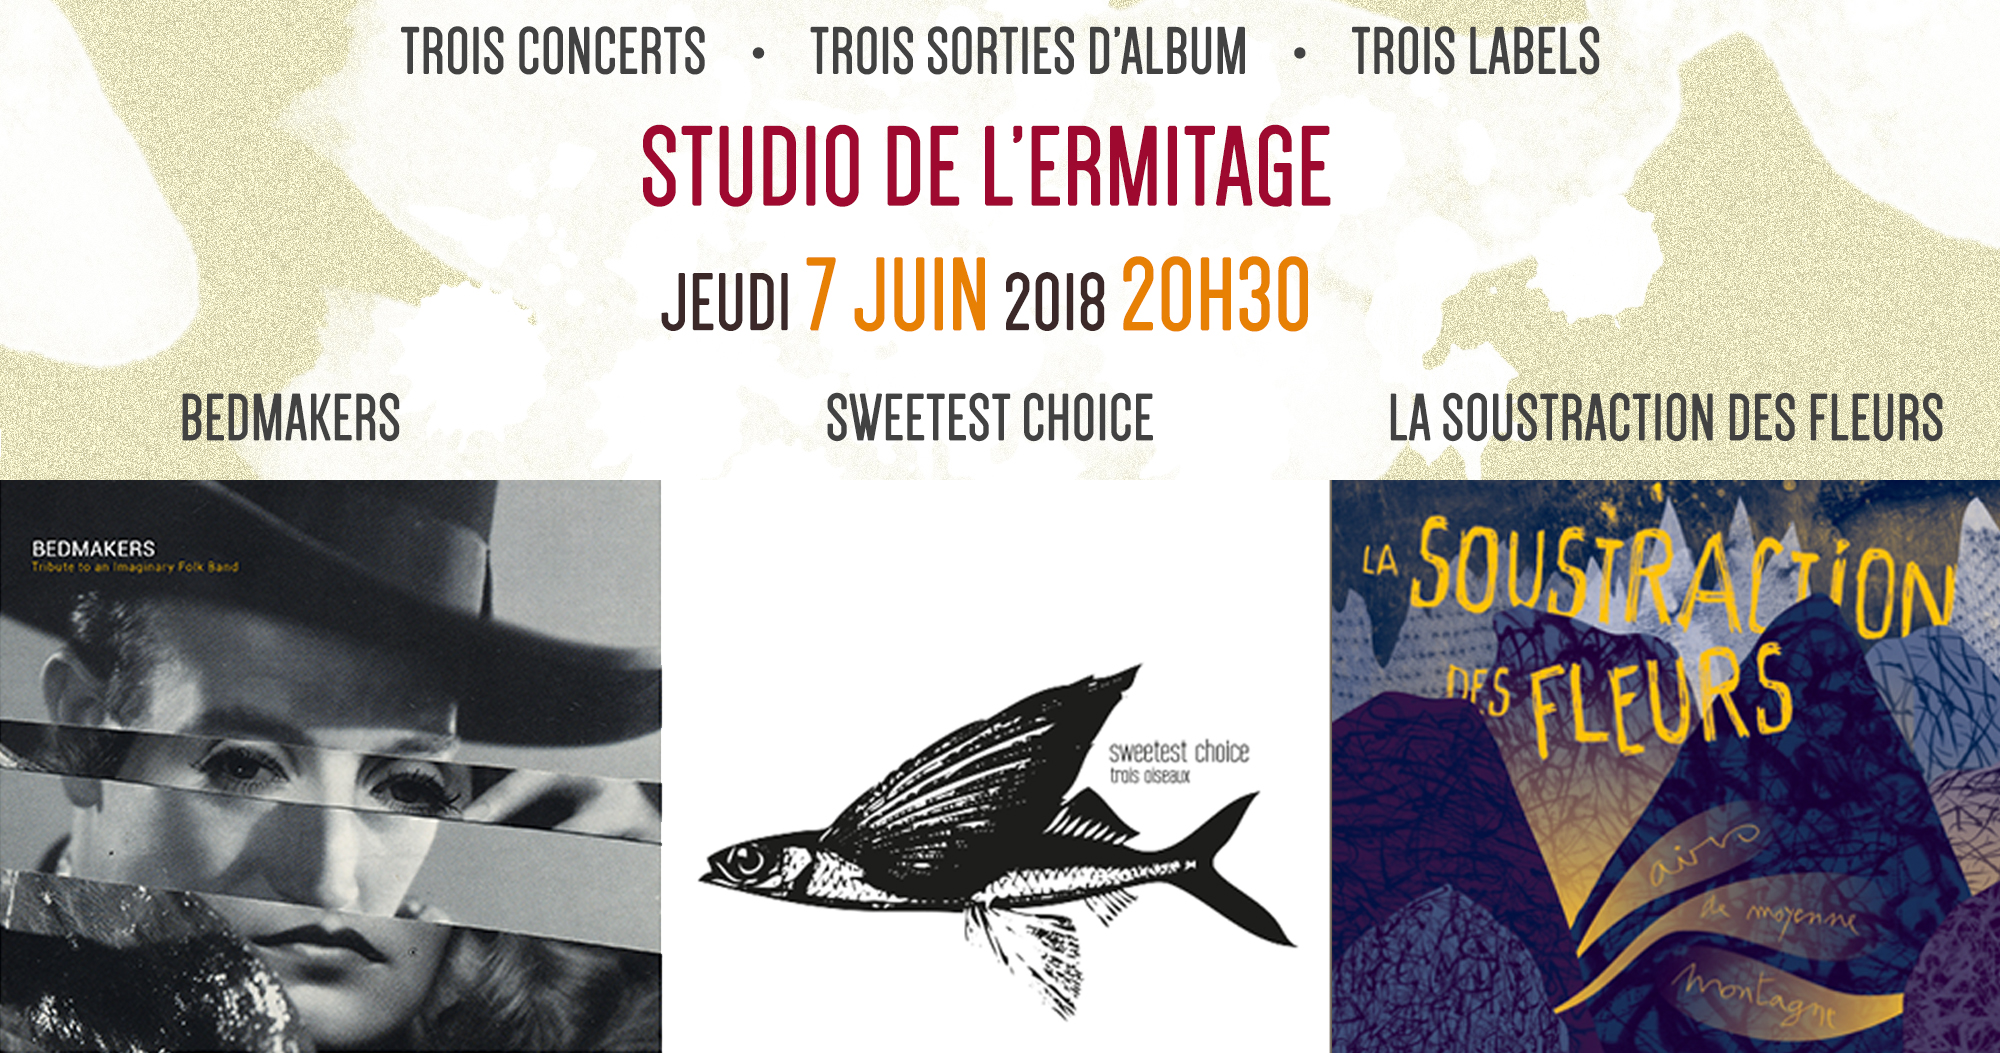 Triple sortie d'album / 7 juin / Studio de l'Ermitage, Paris